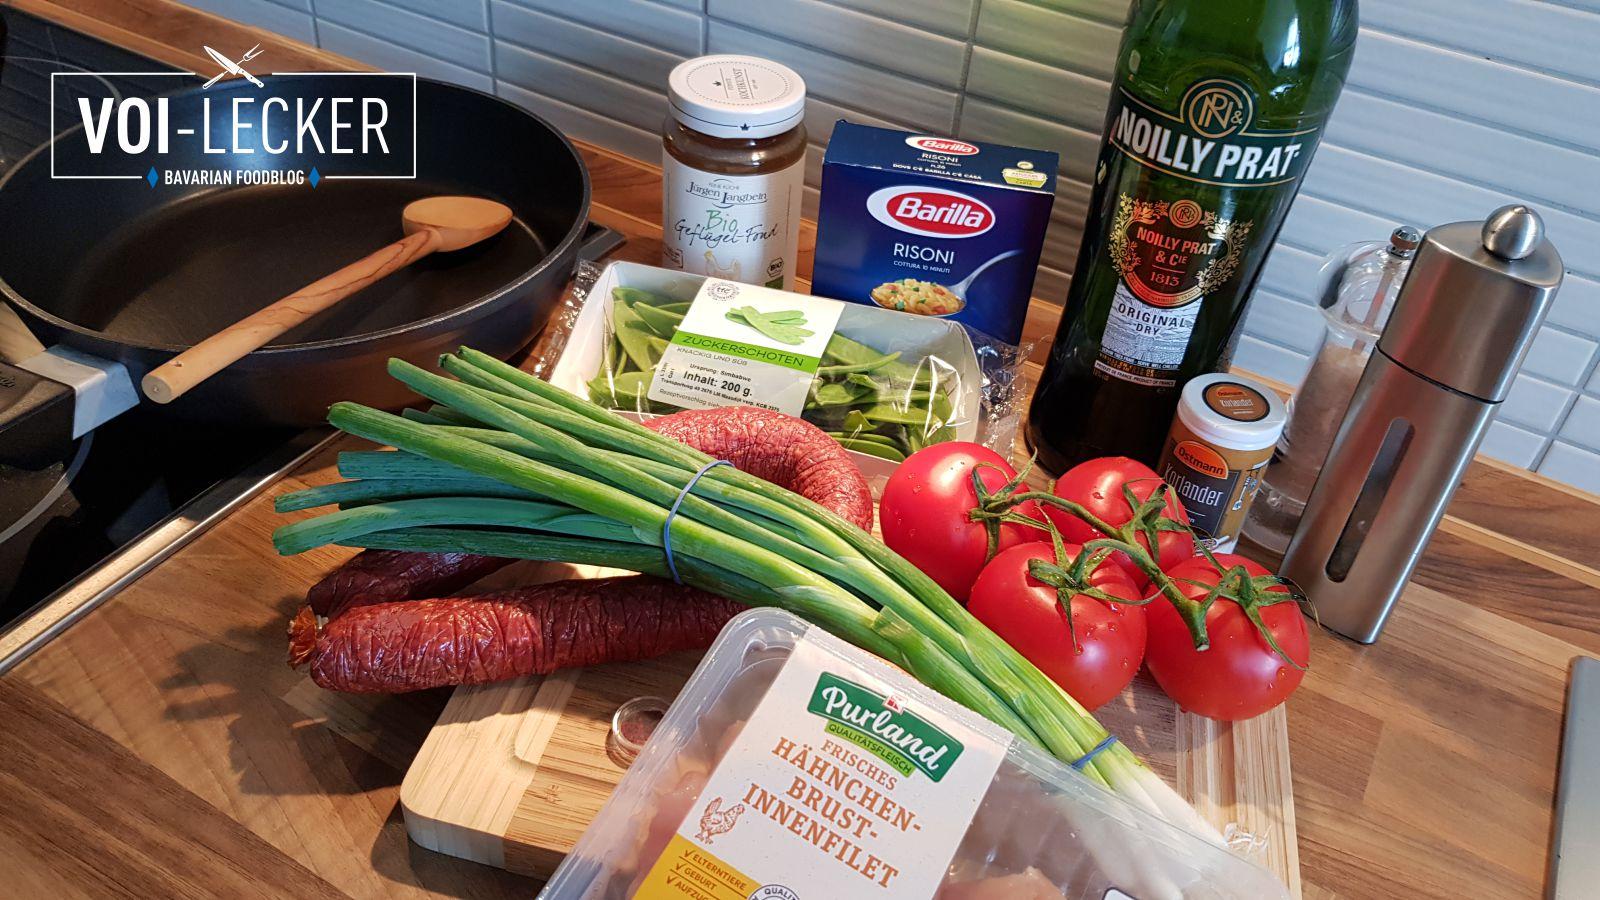 Zutaten für Nudel-Paella